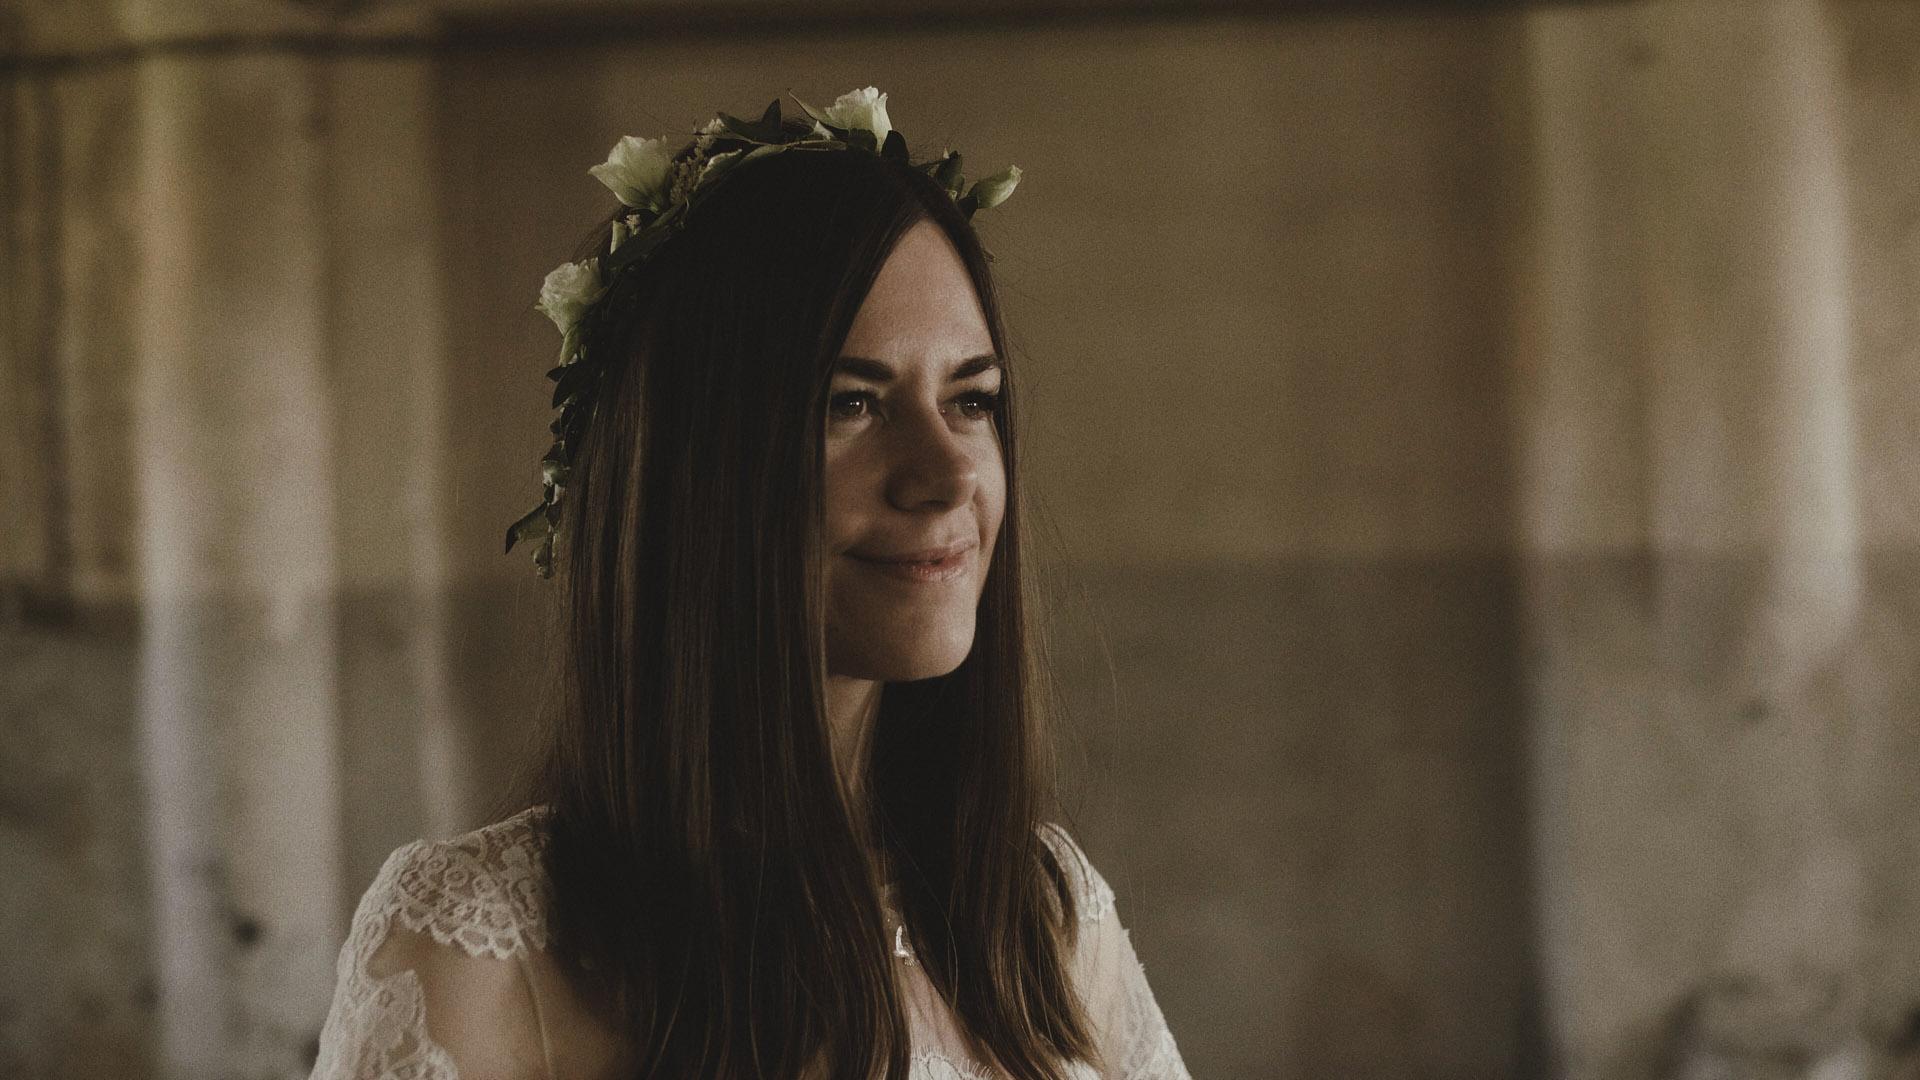 41 folwark wąsowo panna młoda film ślubny